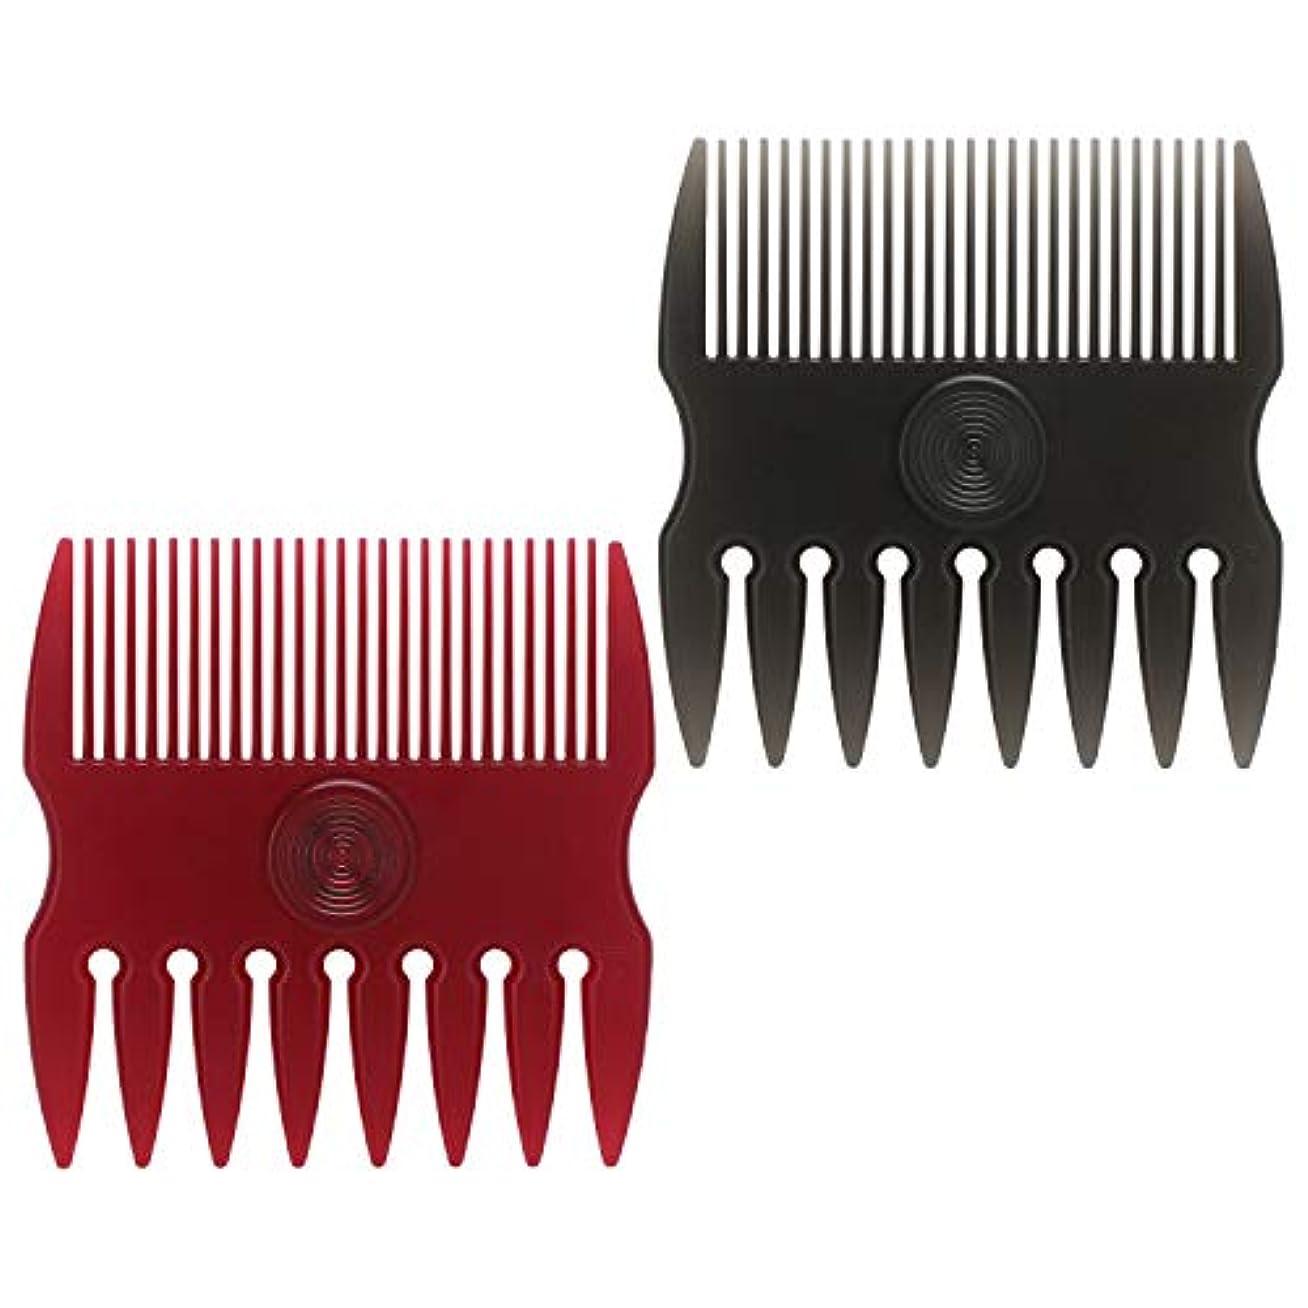 姉妹アッティカススコットランド人Segbeauty オールバック髪型の櫛 2本セット 黒いと赤い リーゼントスタイル 美髪師用 メンズ用 サロン用